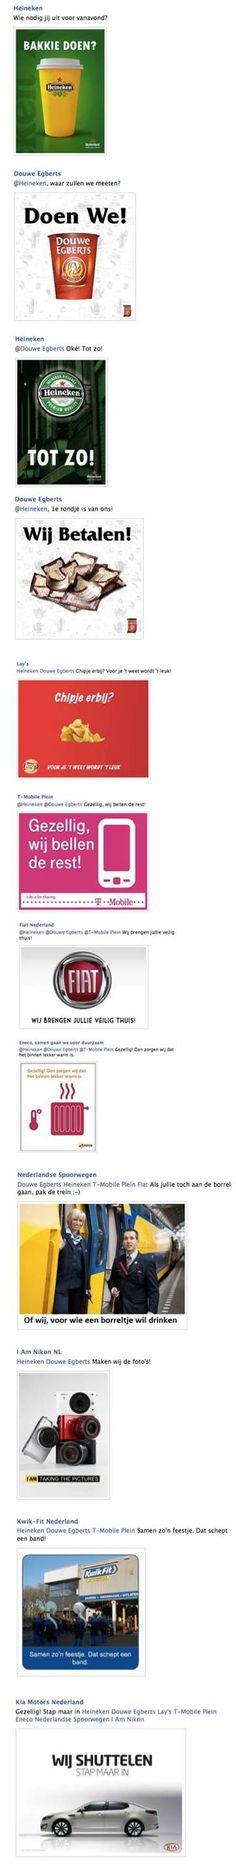 Gewldig hoe Heineken en Douwe Egberts een conversatie opstarten en Lays, T-mobile NS en Fiat aansluiten.